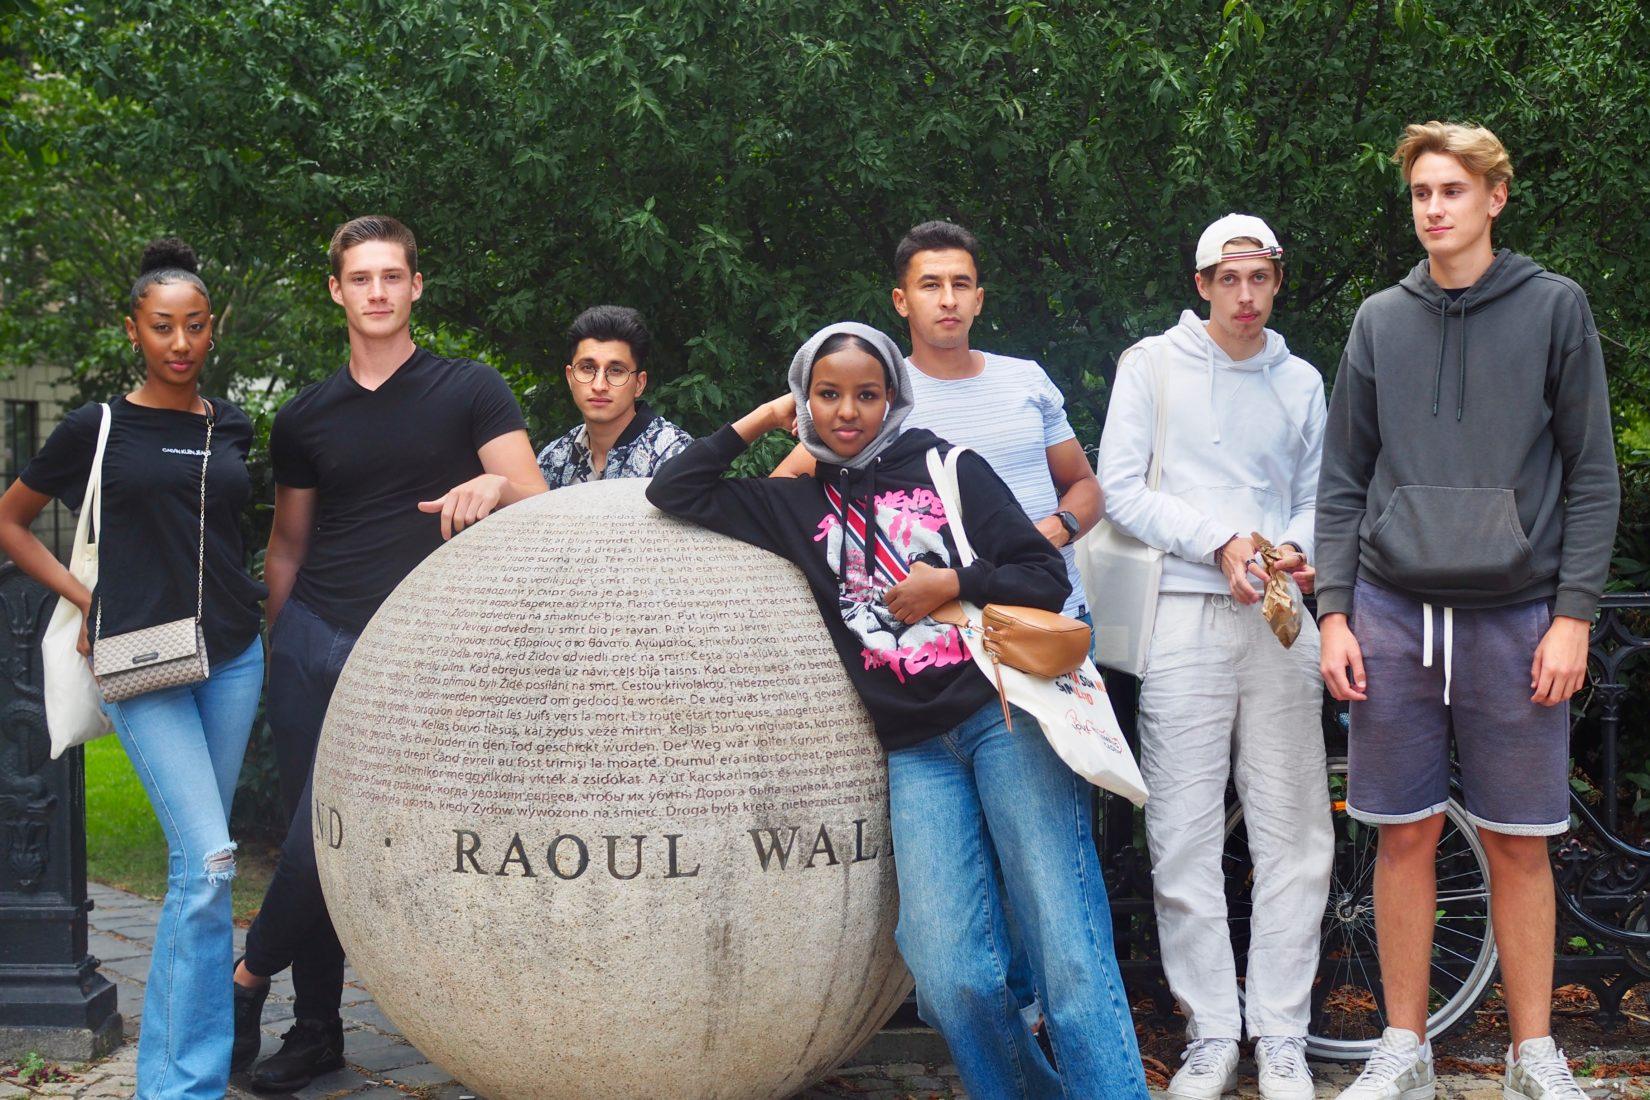 DE sju vinnarna av 2020 års Ungt kurage-pris står uppställda vid Raoul Wallenberg-stenen i Stockholm